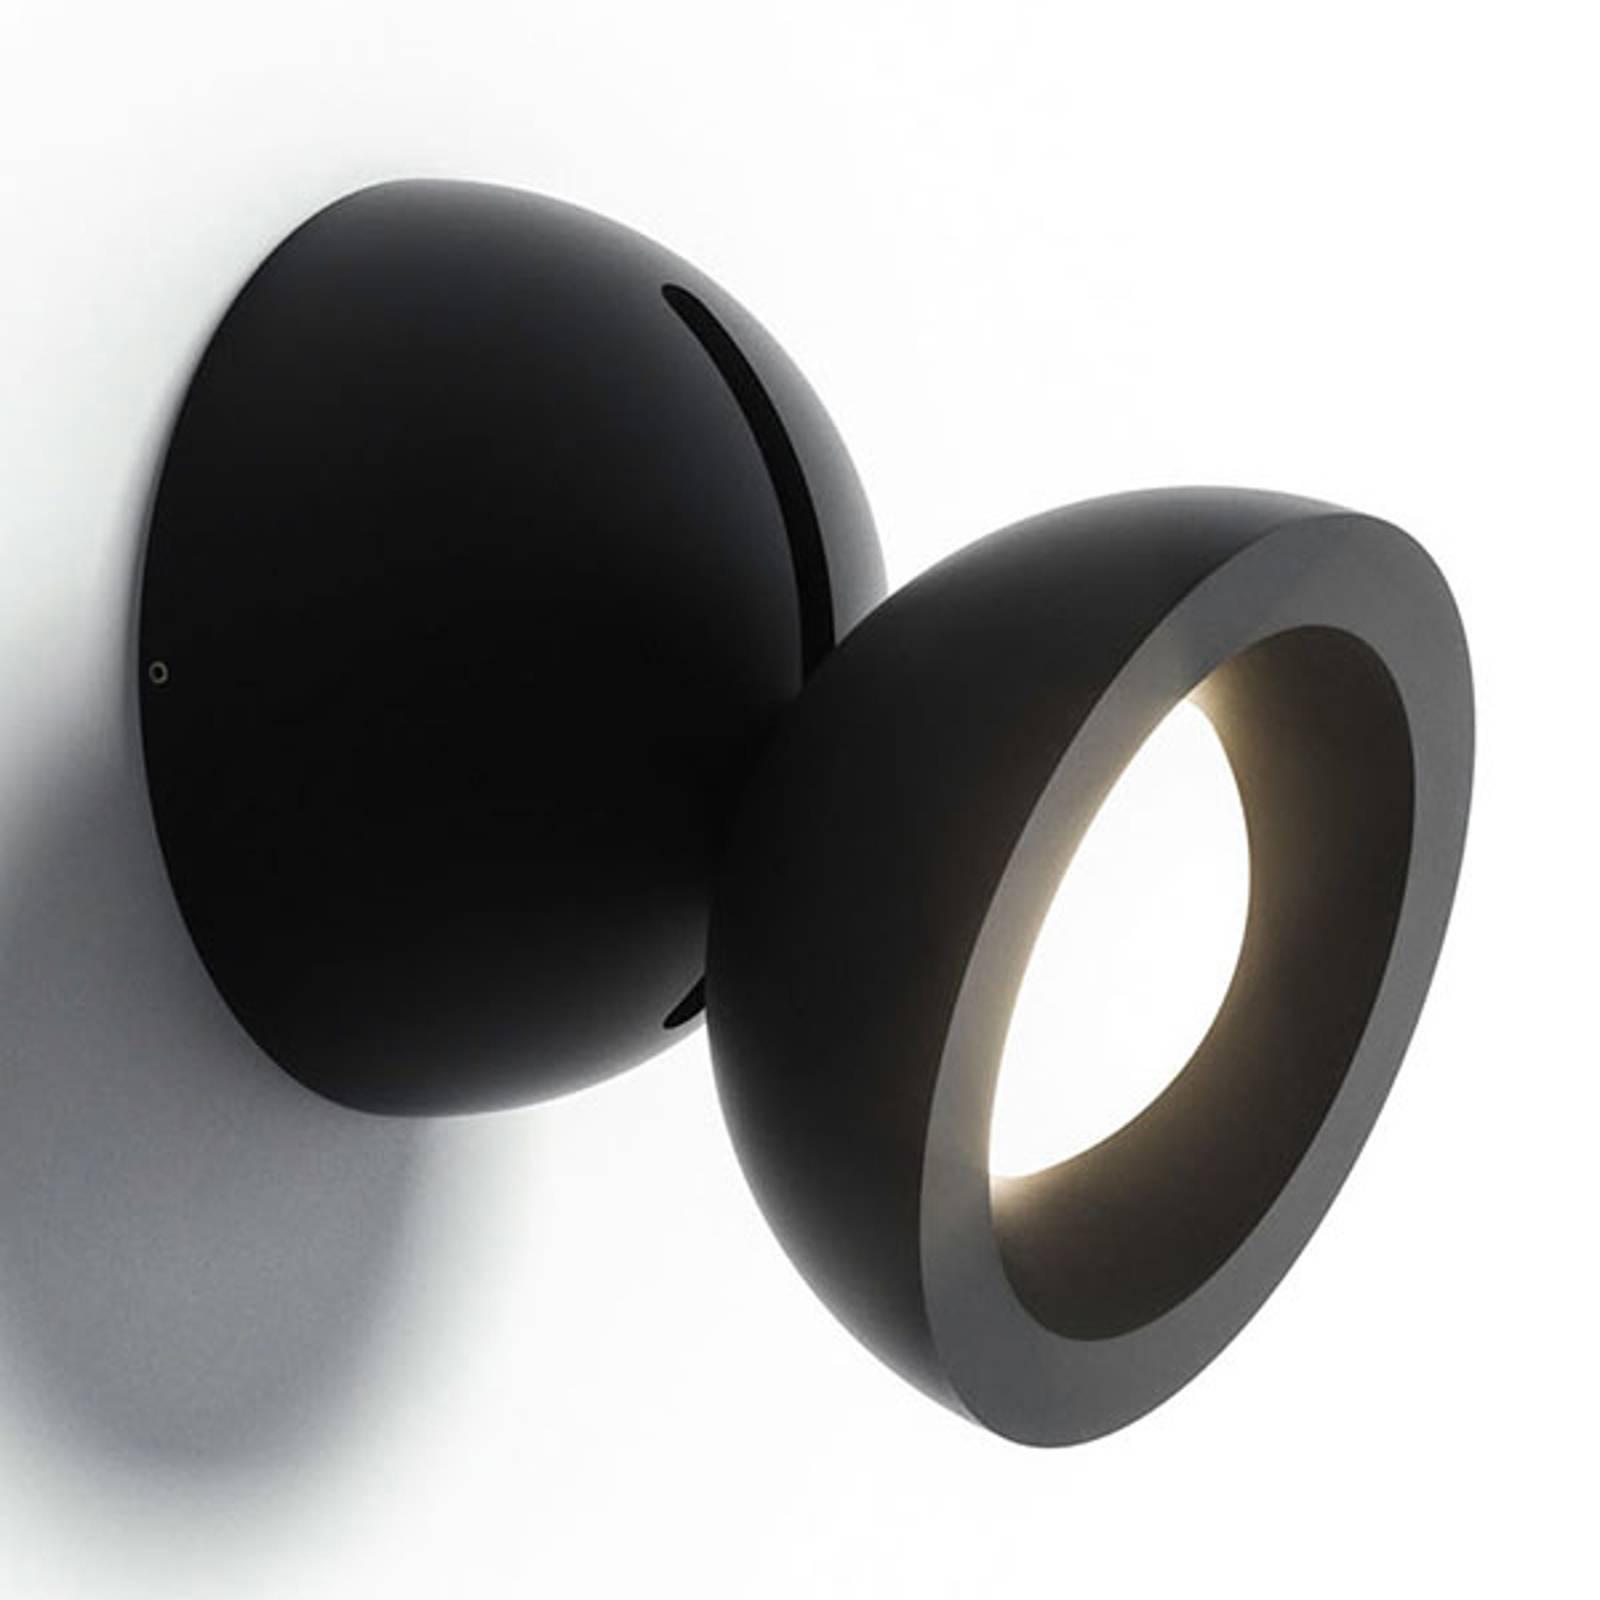 Axolight DoDot LED-seinävalaisin, musta 46°